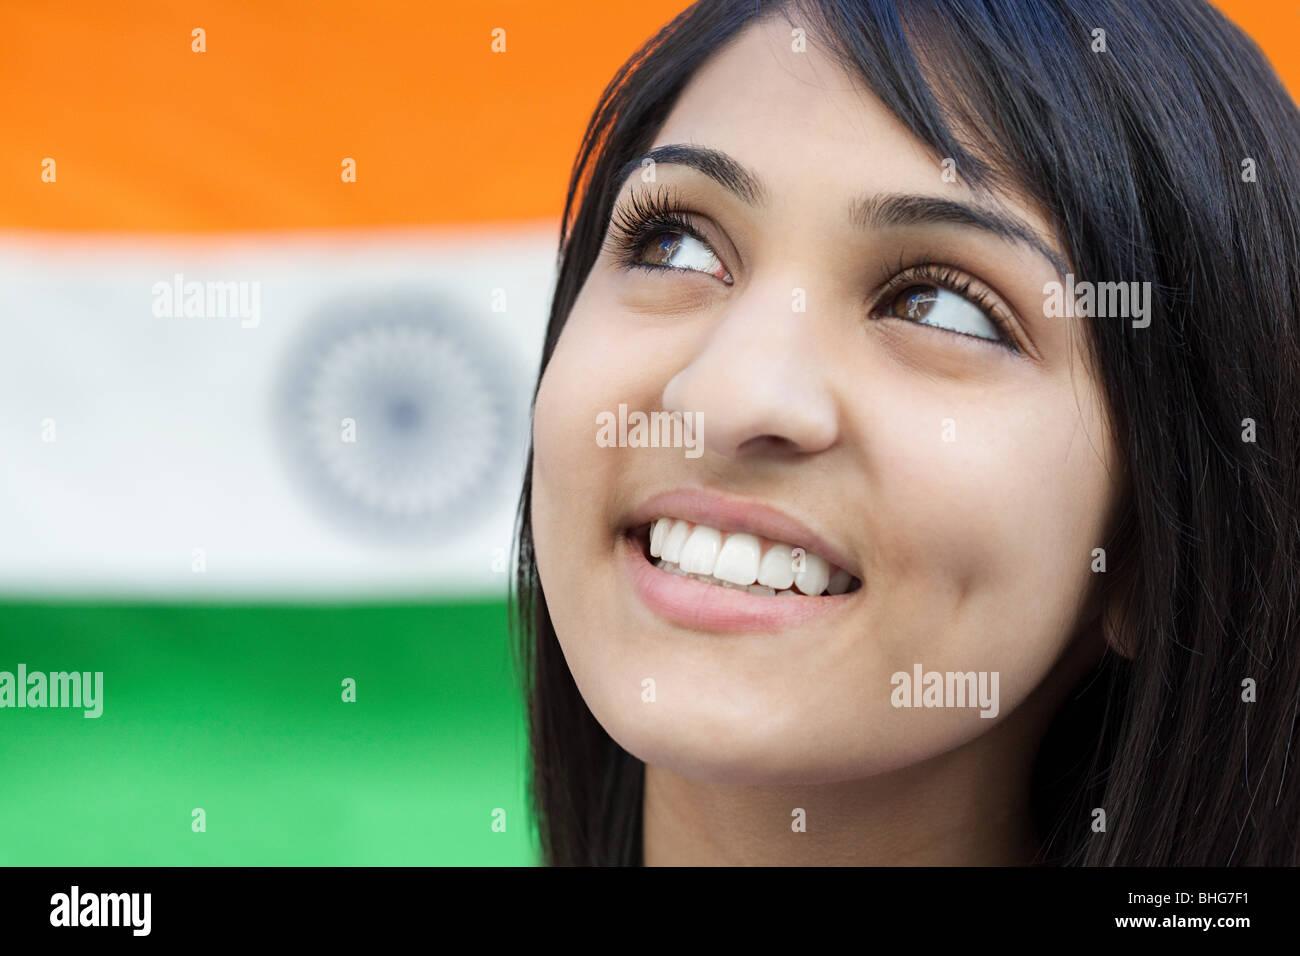 Adolescente et drapeau indien Photo Stock